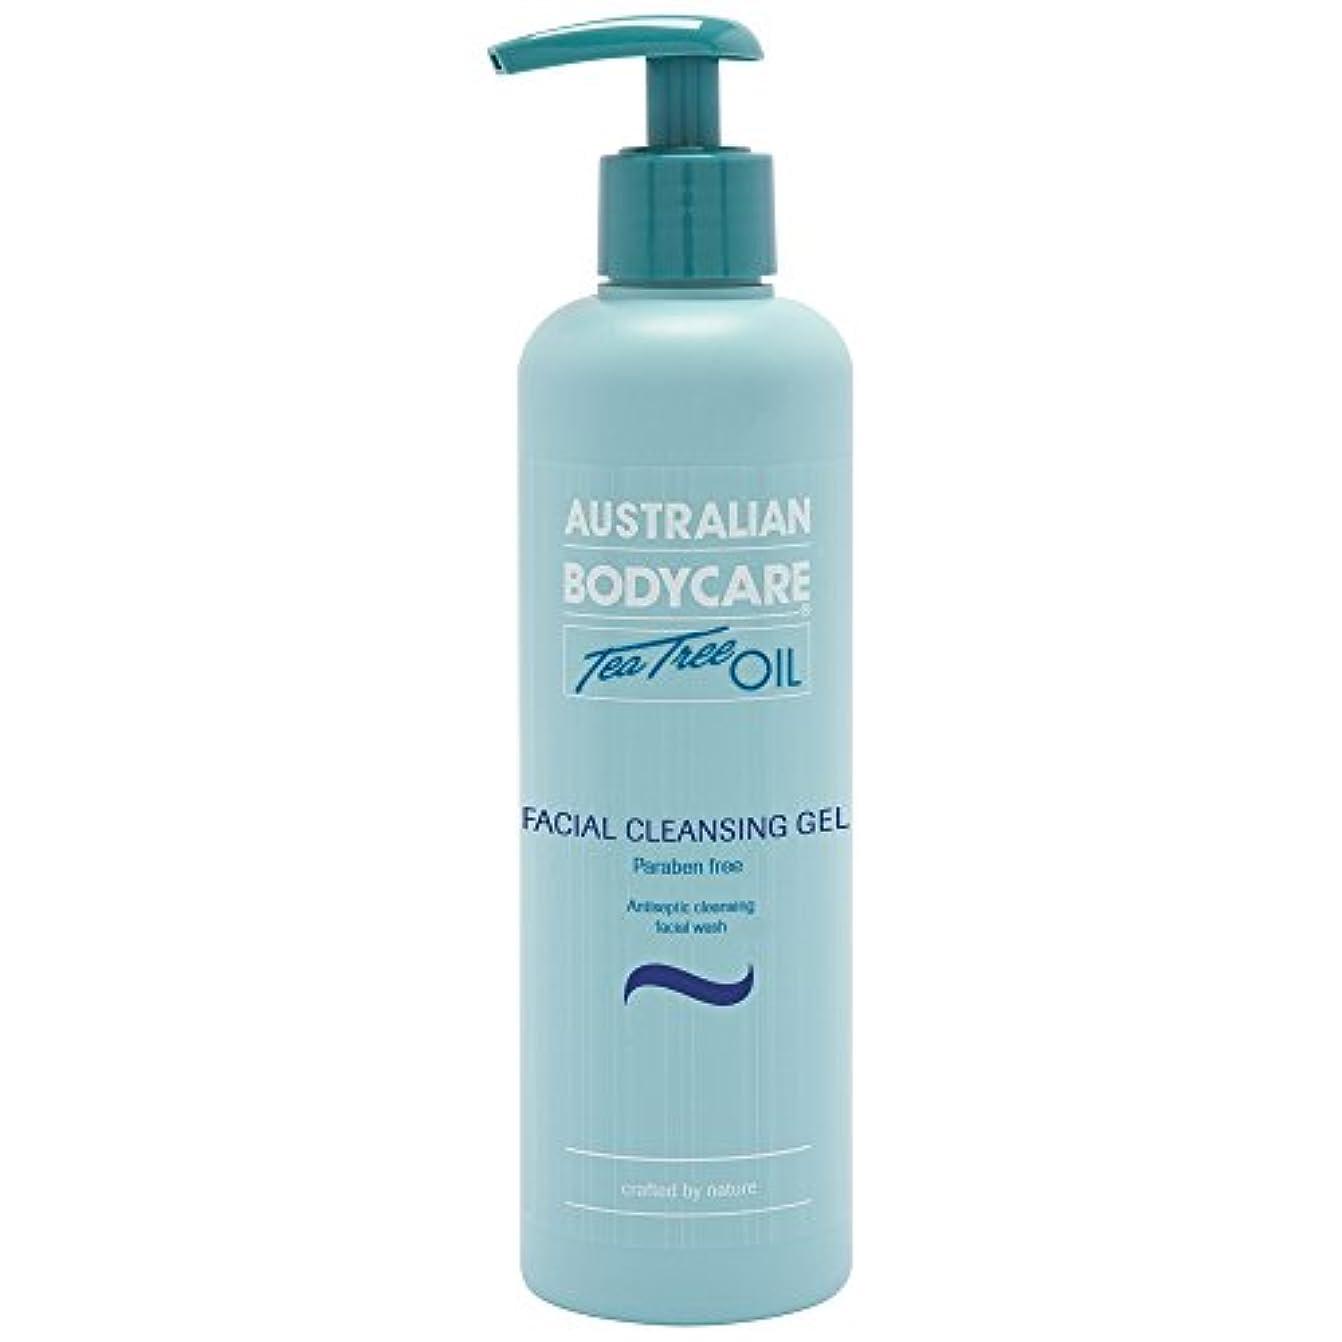 中毒仲人私達オーストラリアのボディーケアティーツリーオイル洗顔ゲル250ミリリットル (Australian Bodycare) (x6) - Australian Bodycare Tea Tree Oil Facial Cleansing...